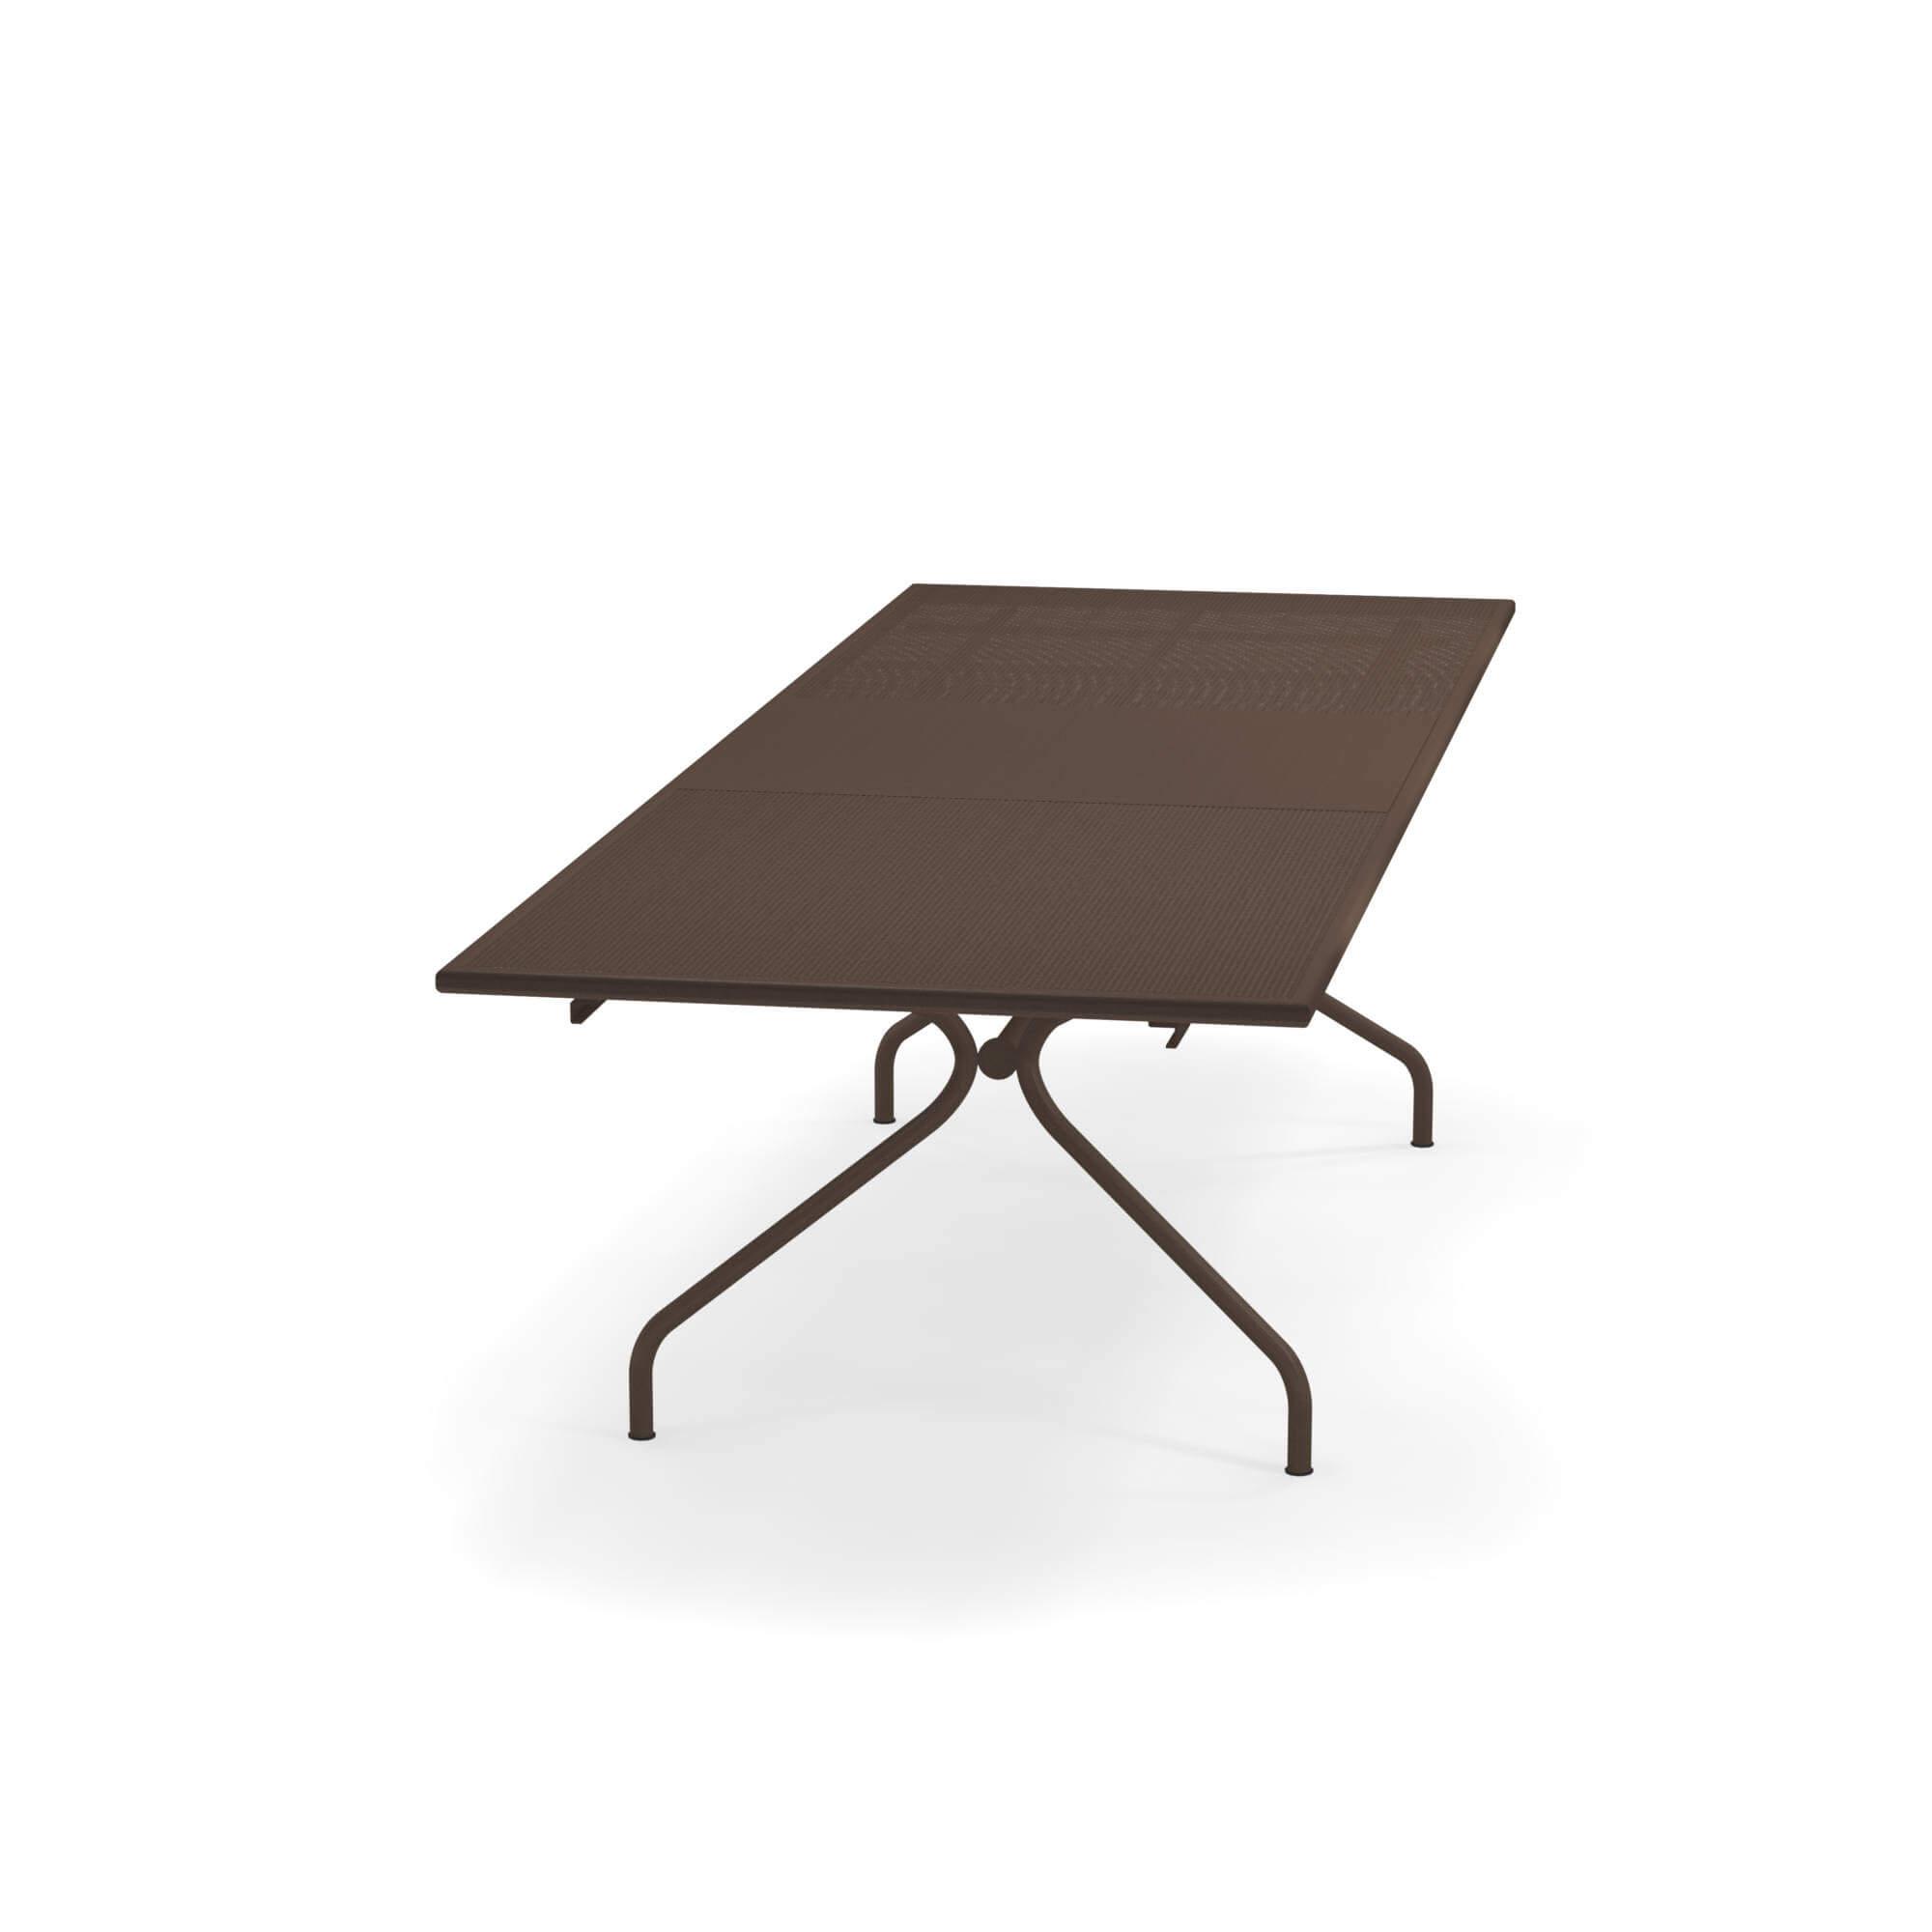 Table Jardin 70x100 Pour 230 En Acier Extensible Extérieur qSzMUVp